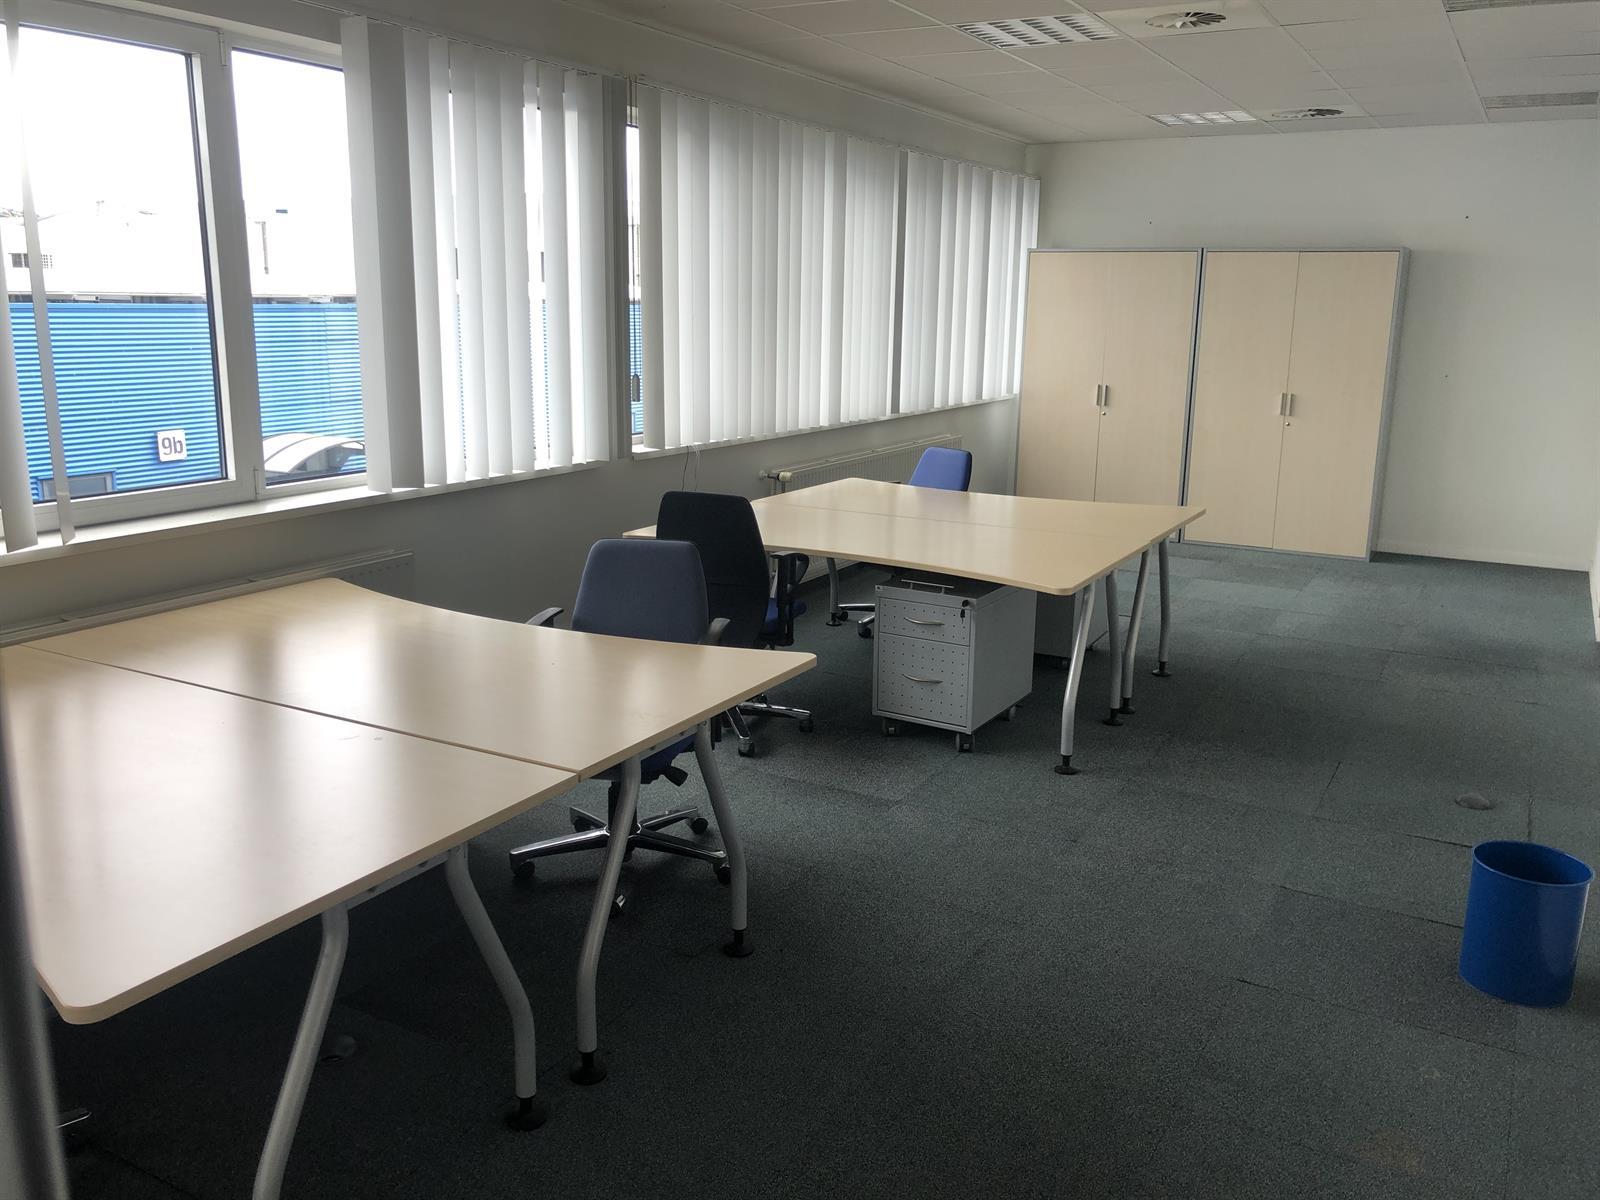 kantoor te huur I168 - Saffierstraat 5, 2200 Herentals, België 2